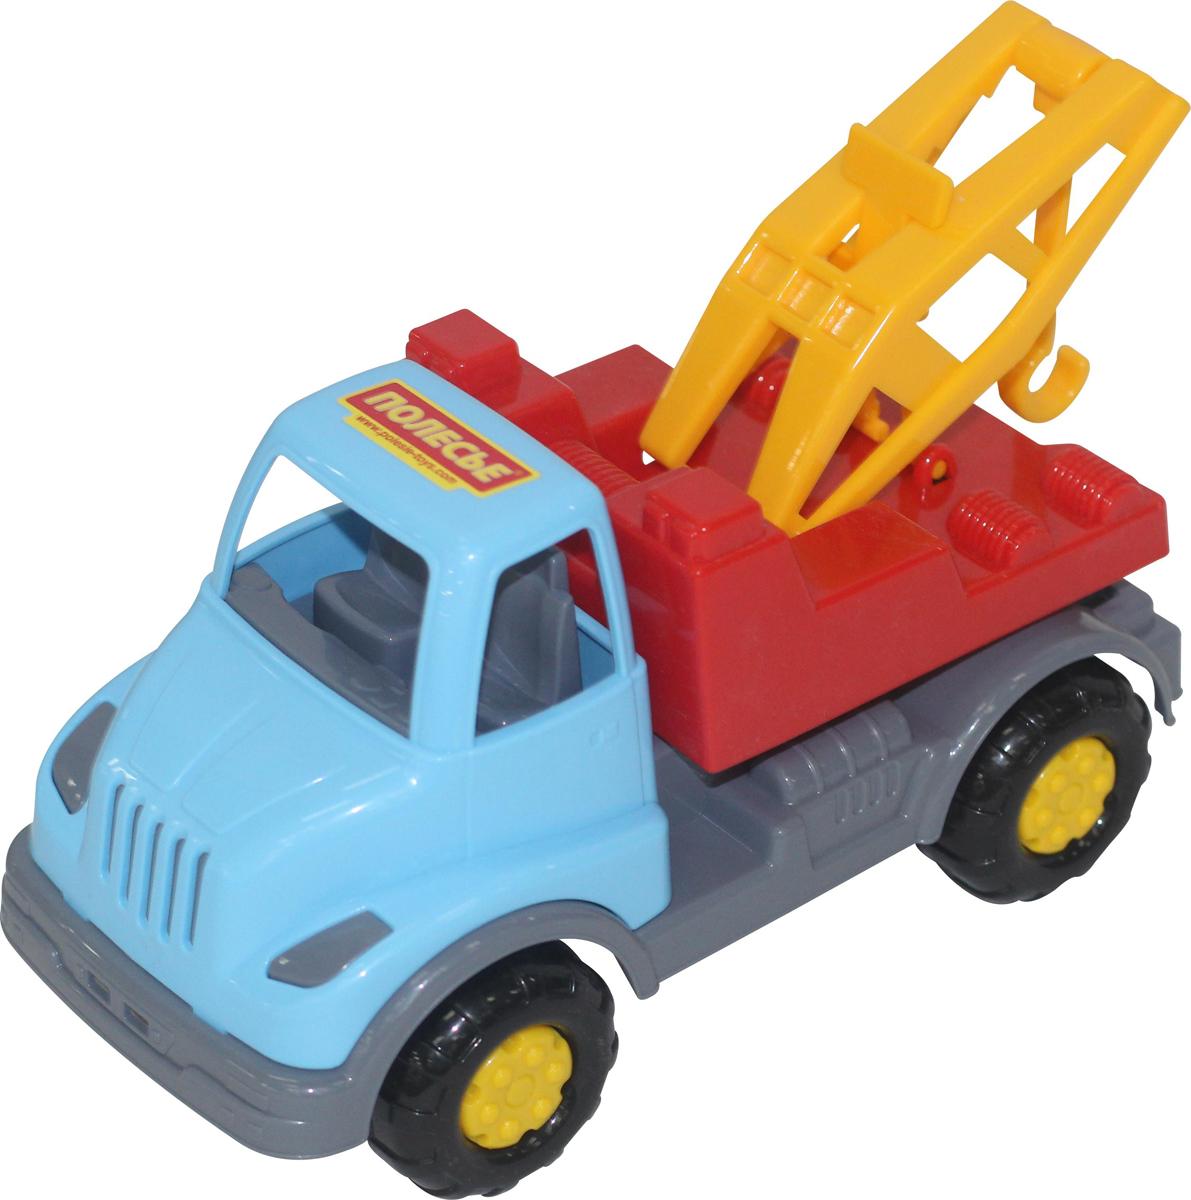 Полесье Эвакуатор Леон цвет красный голубой желтый игрушечные машинки на пульте управления по грязи купить